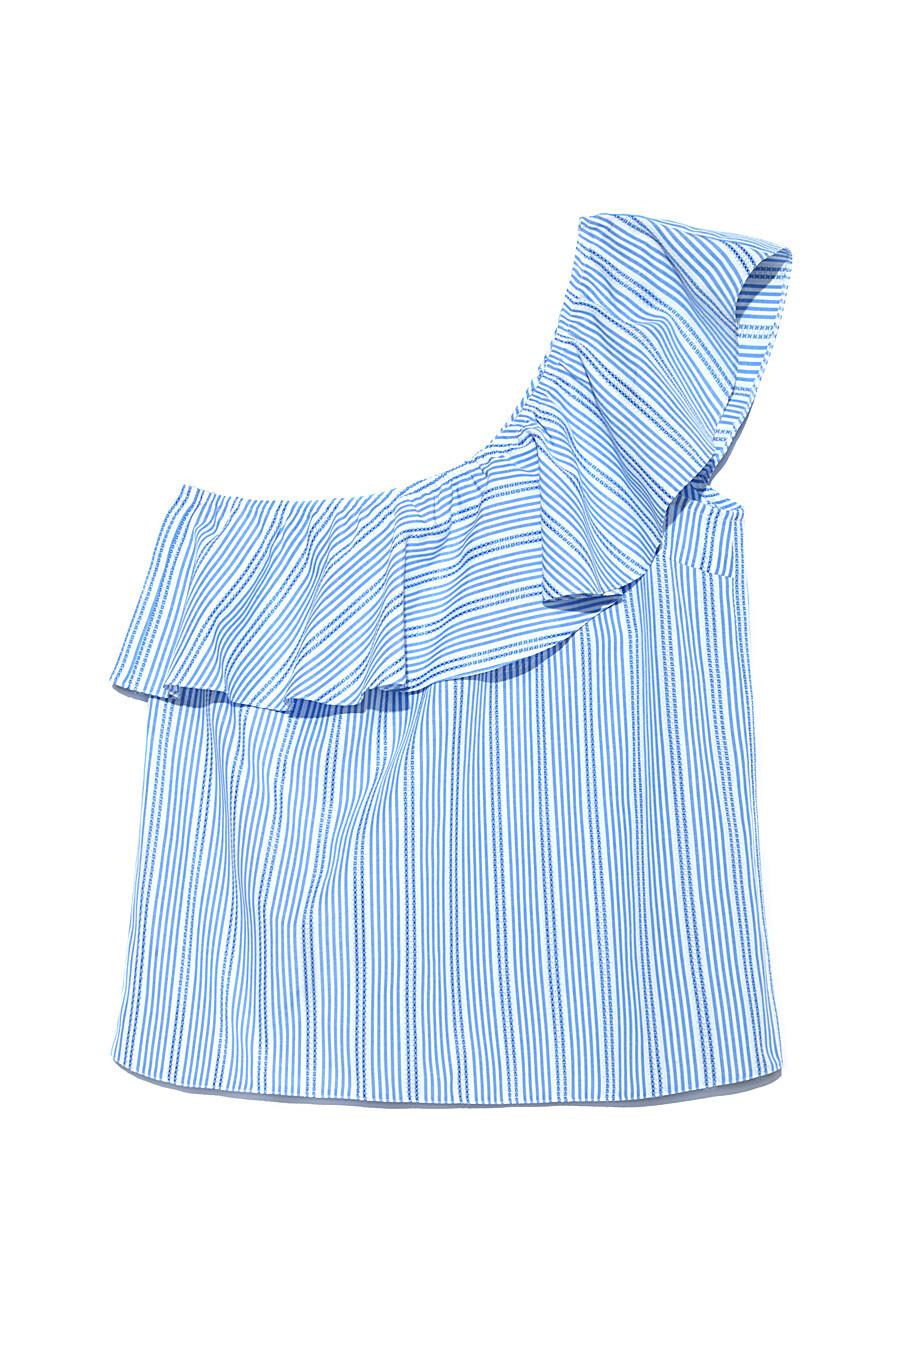 Блуза для женщин CONTE ELEGANT 148654 купить оптом от производителя. Совместная покупка женской одежды в OptMoyo